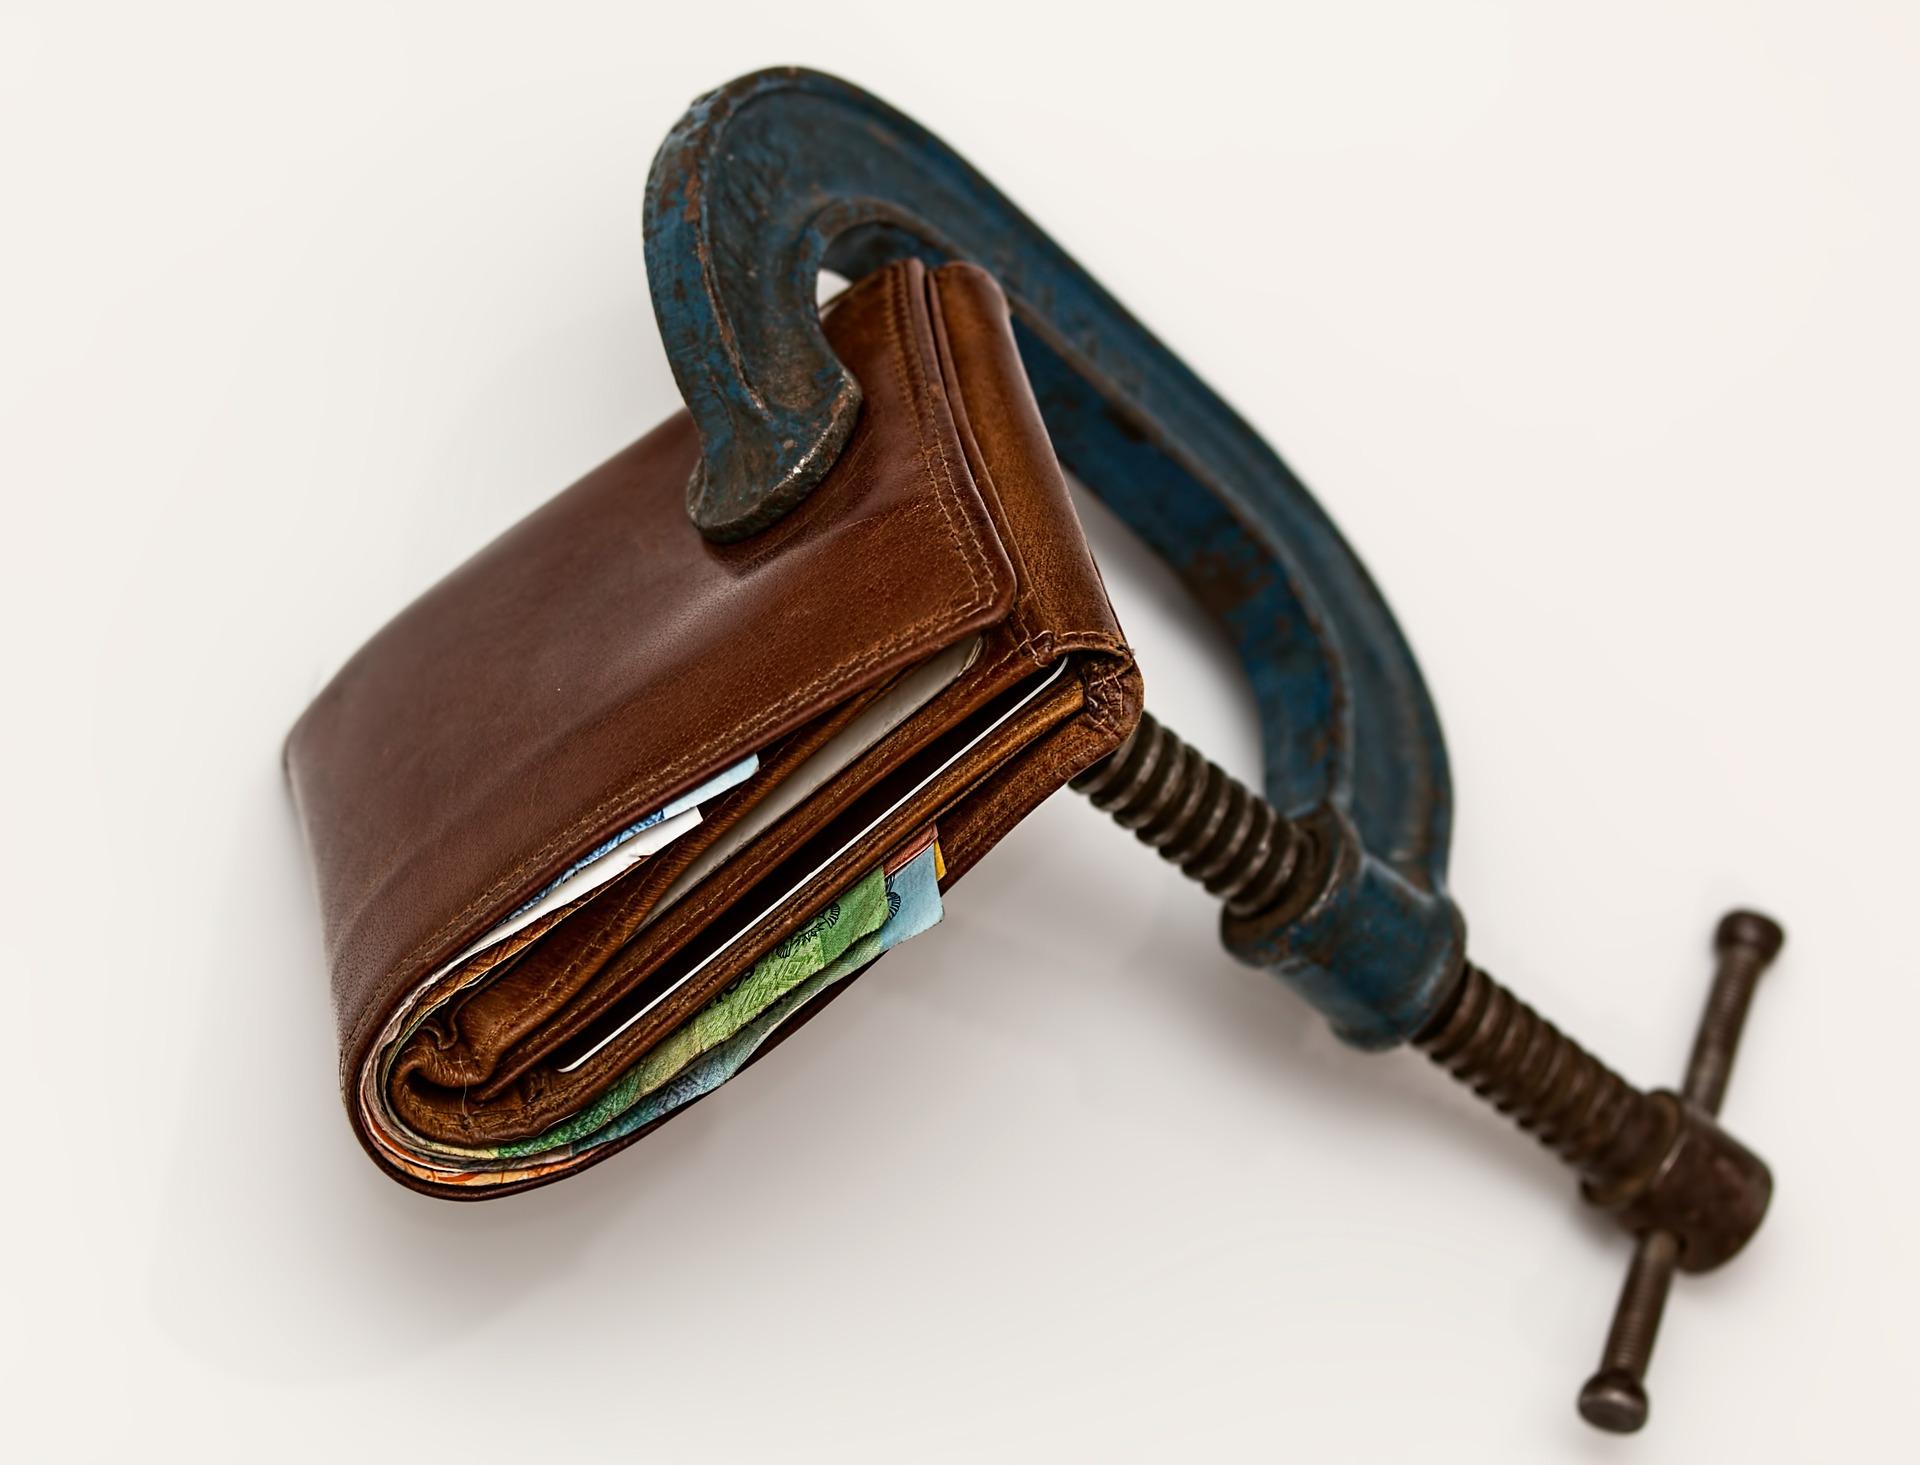 アルバイト規制の厳しいアメリカ留学中にお金を稼ぐ5つの方法